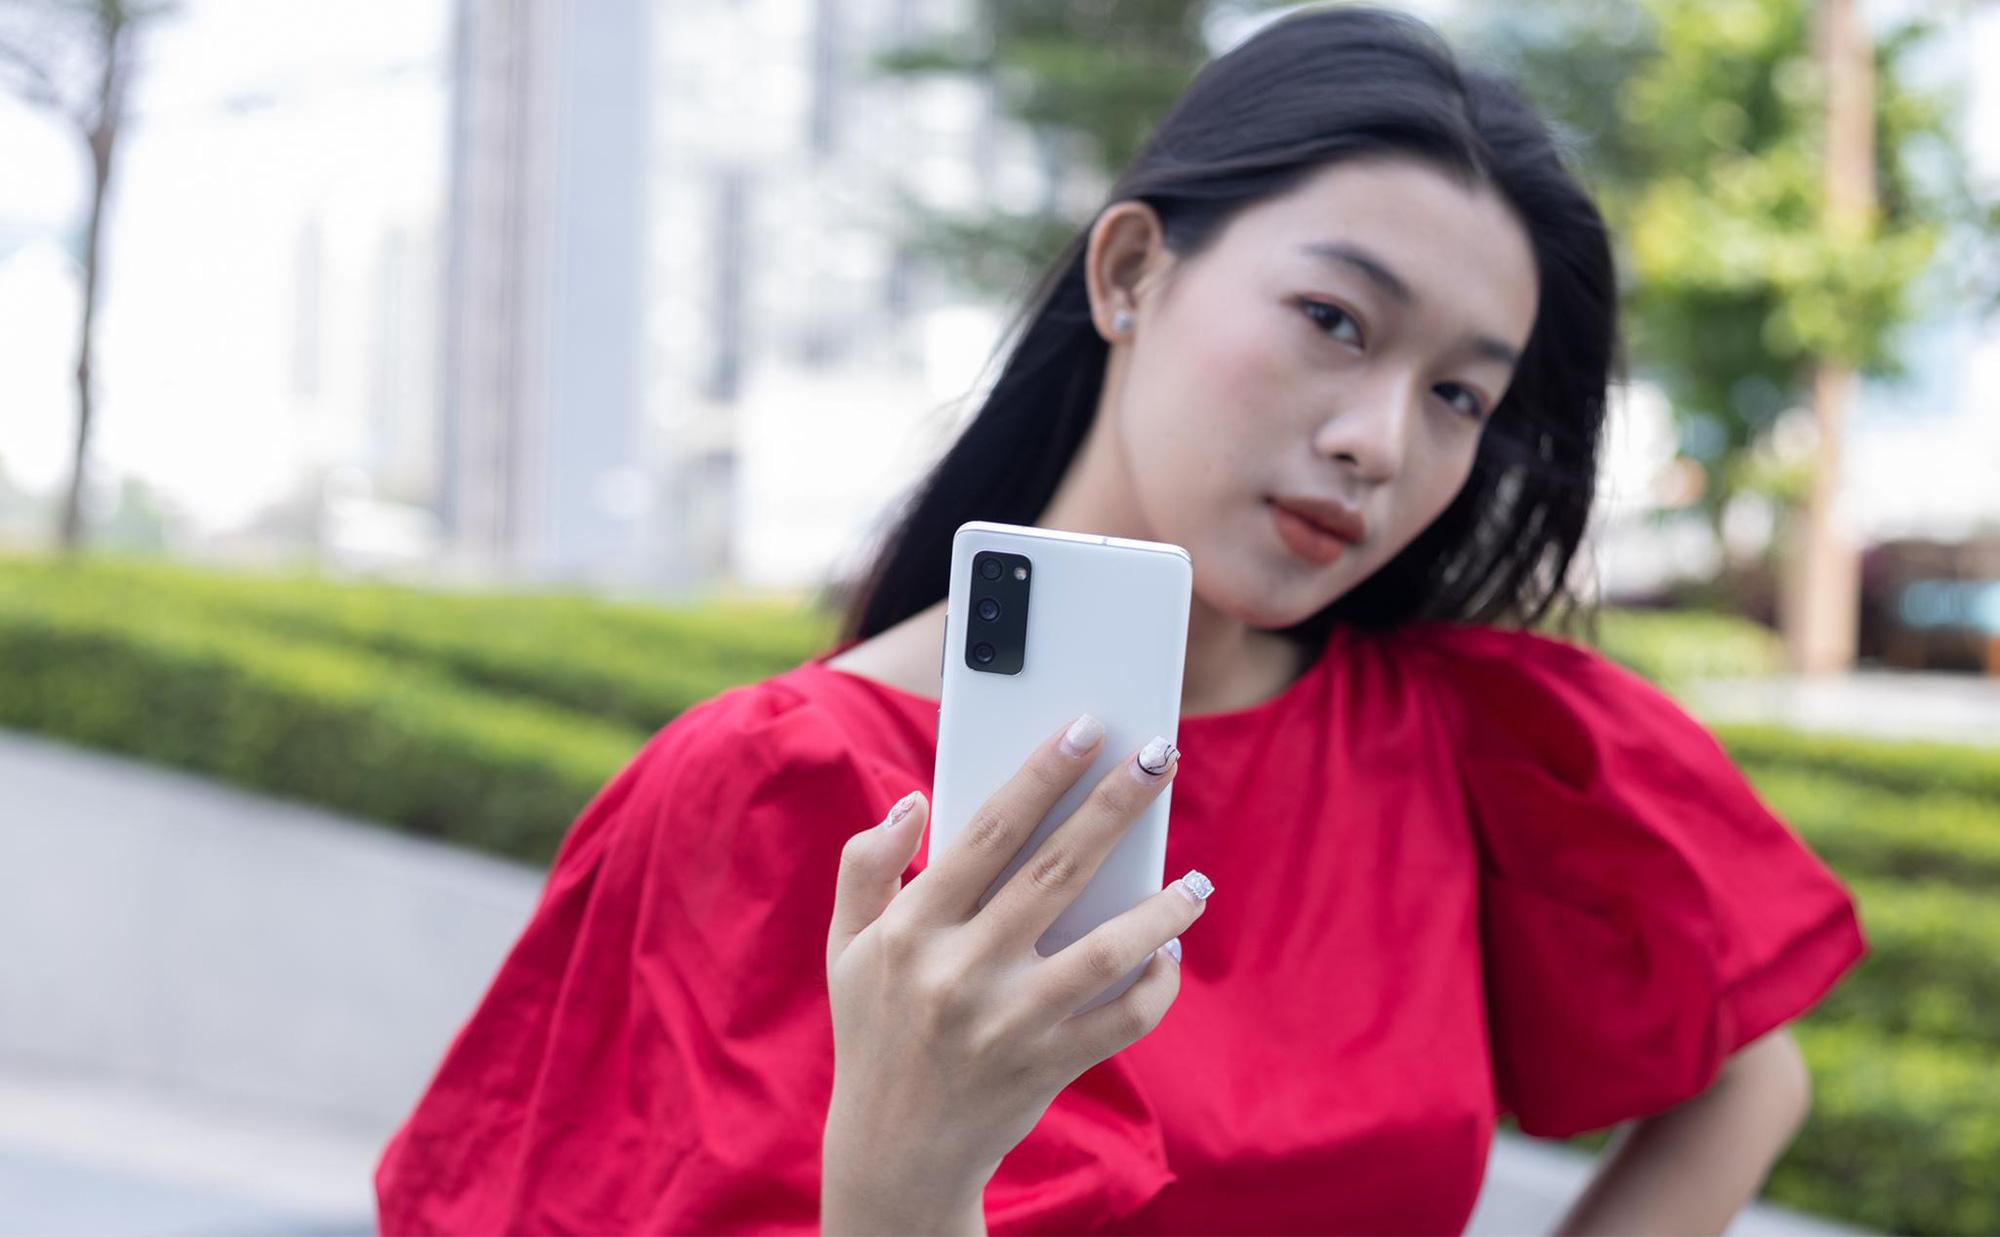 Samsung Galaxy S20 FE: Smartphone dành cho giới trẻ sành điệu - Ảnh 1.